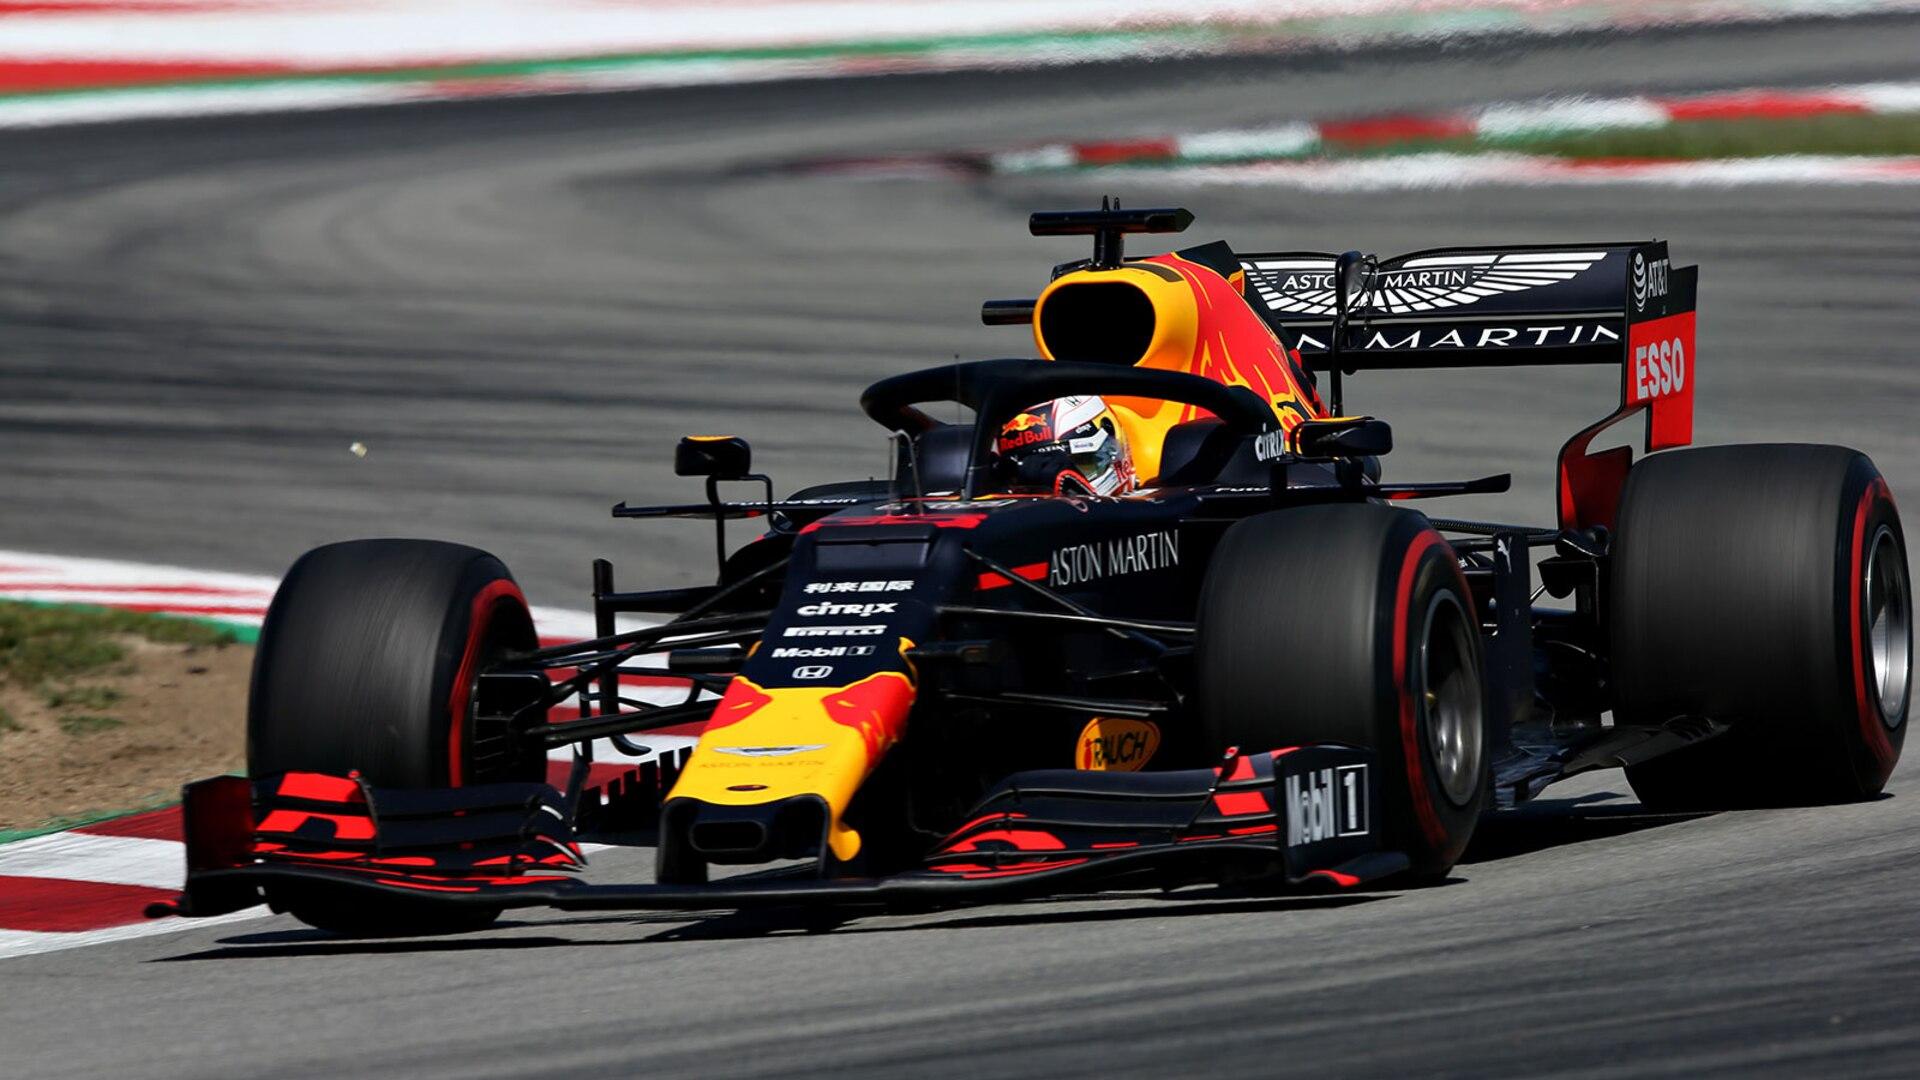 Christian Horner Red Bull